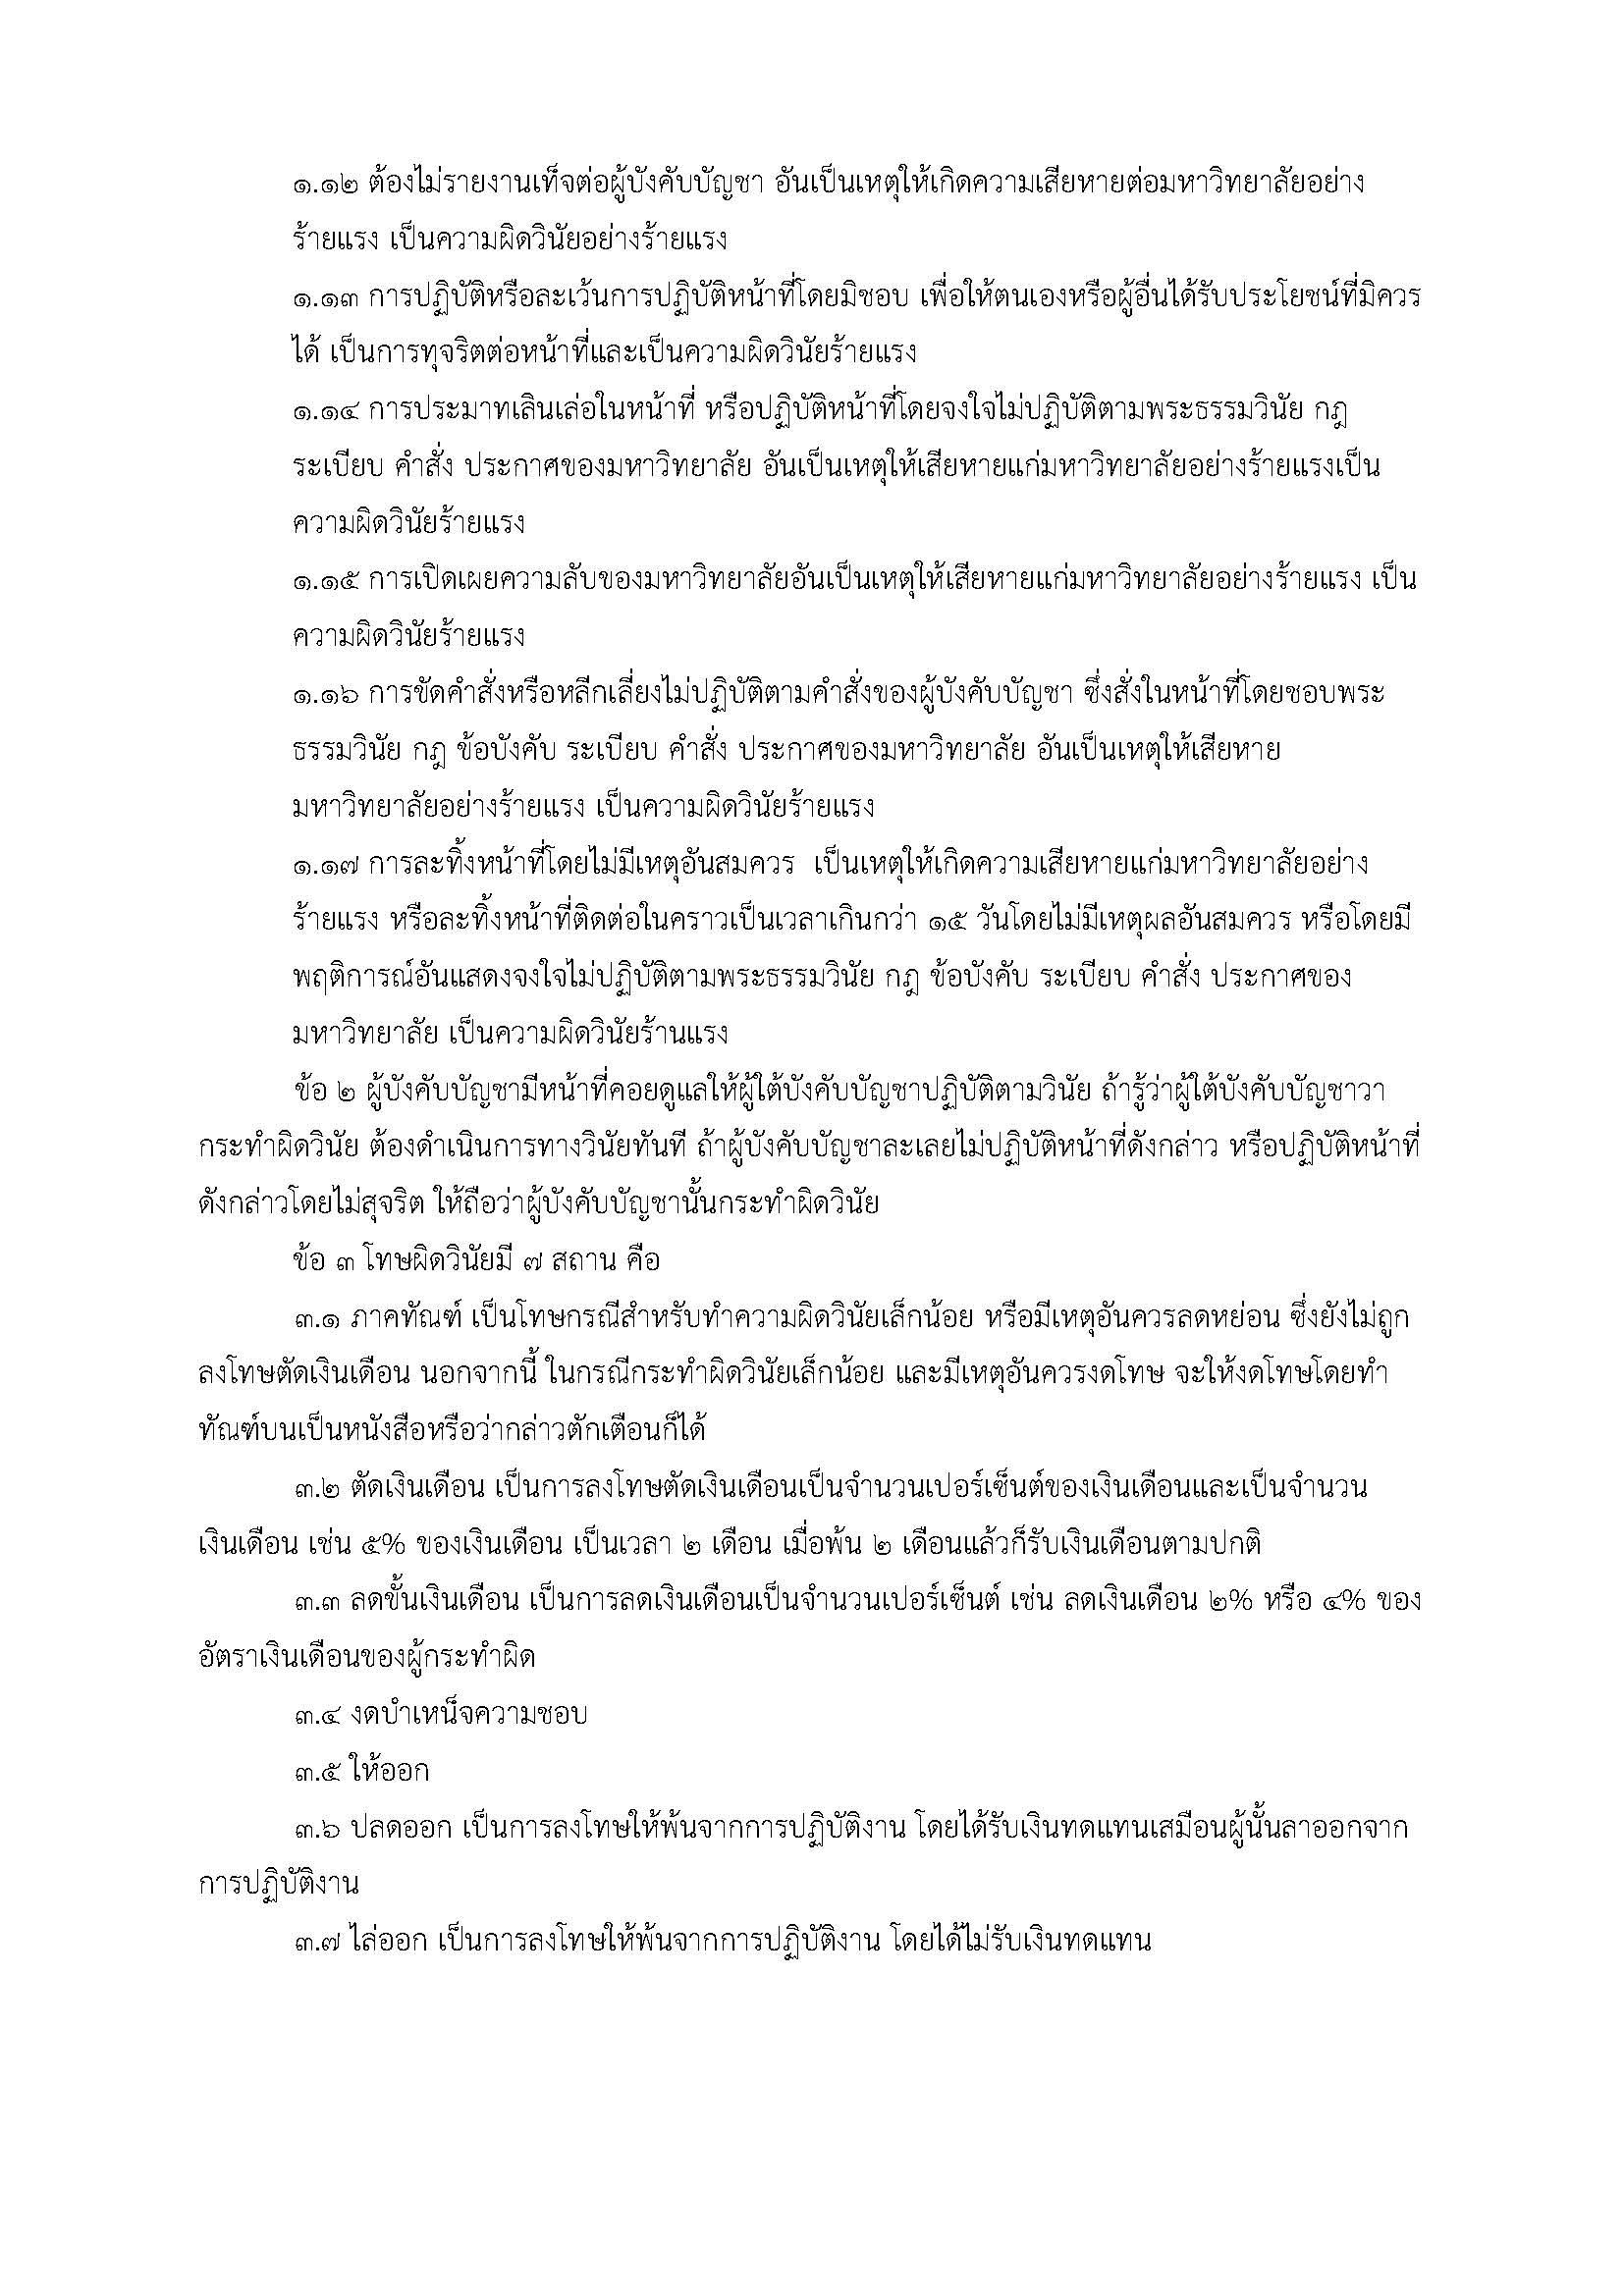 วินัย อุทธรณ์และร้องทุกข์_Page_02